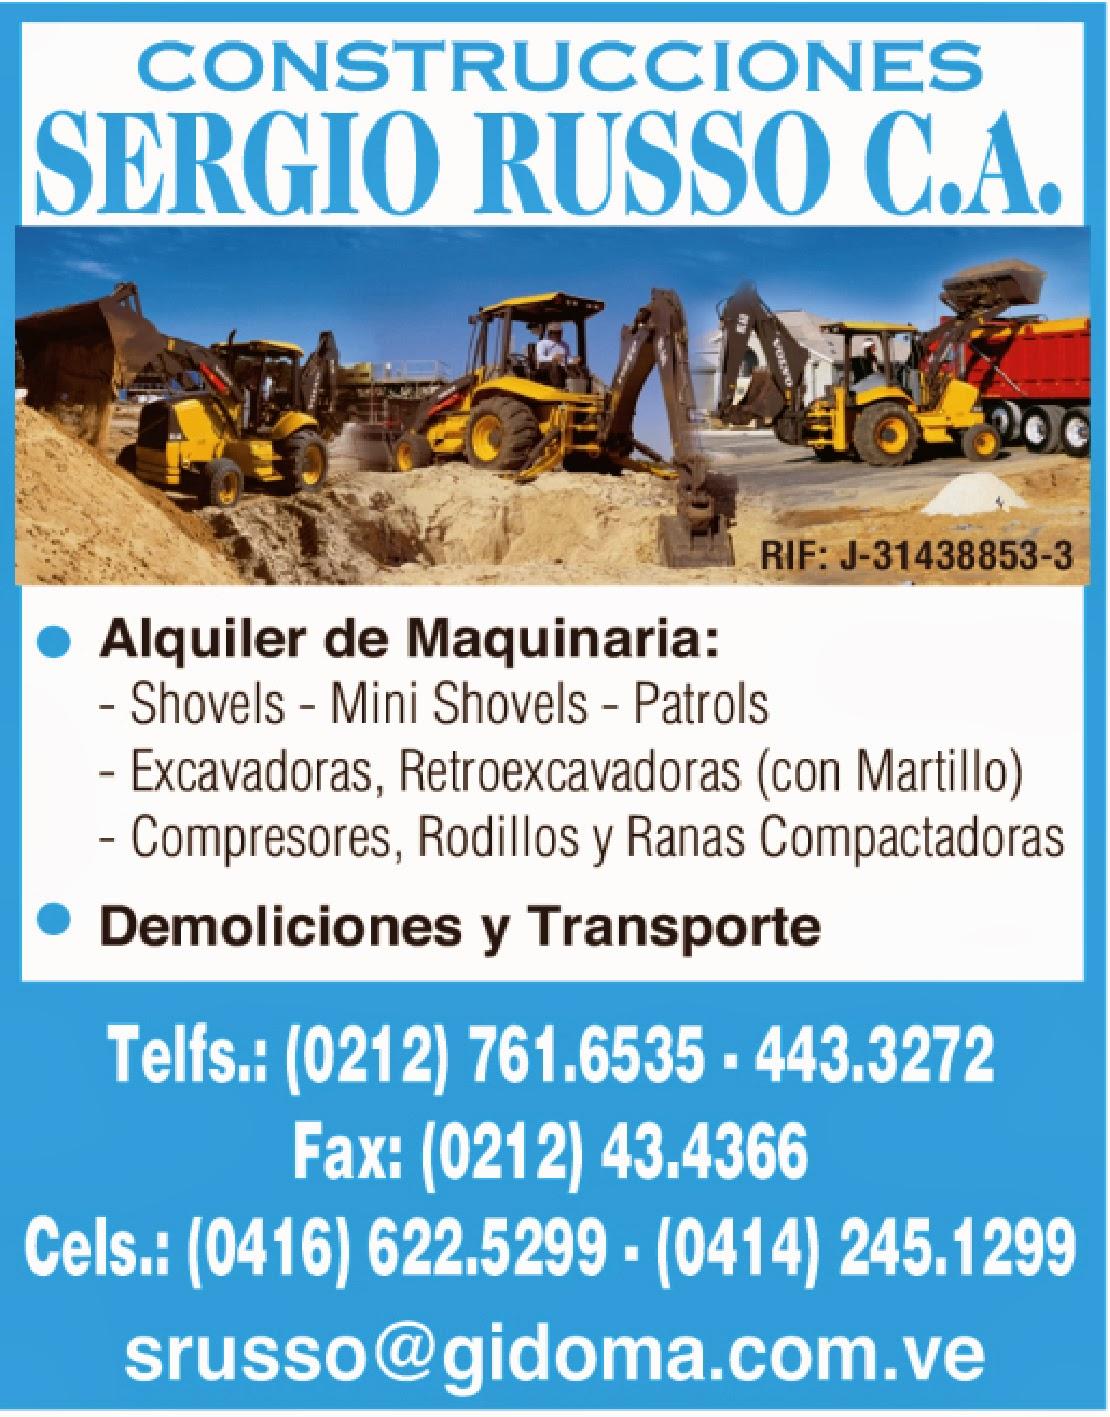 CONSTRUCTORA SERGIO RUSSO C.A. en Paginas Amarillas tu guia Comercial